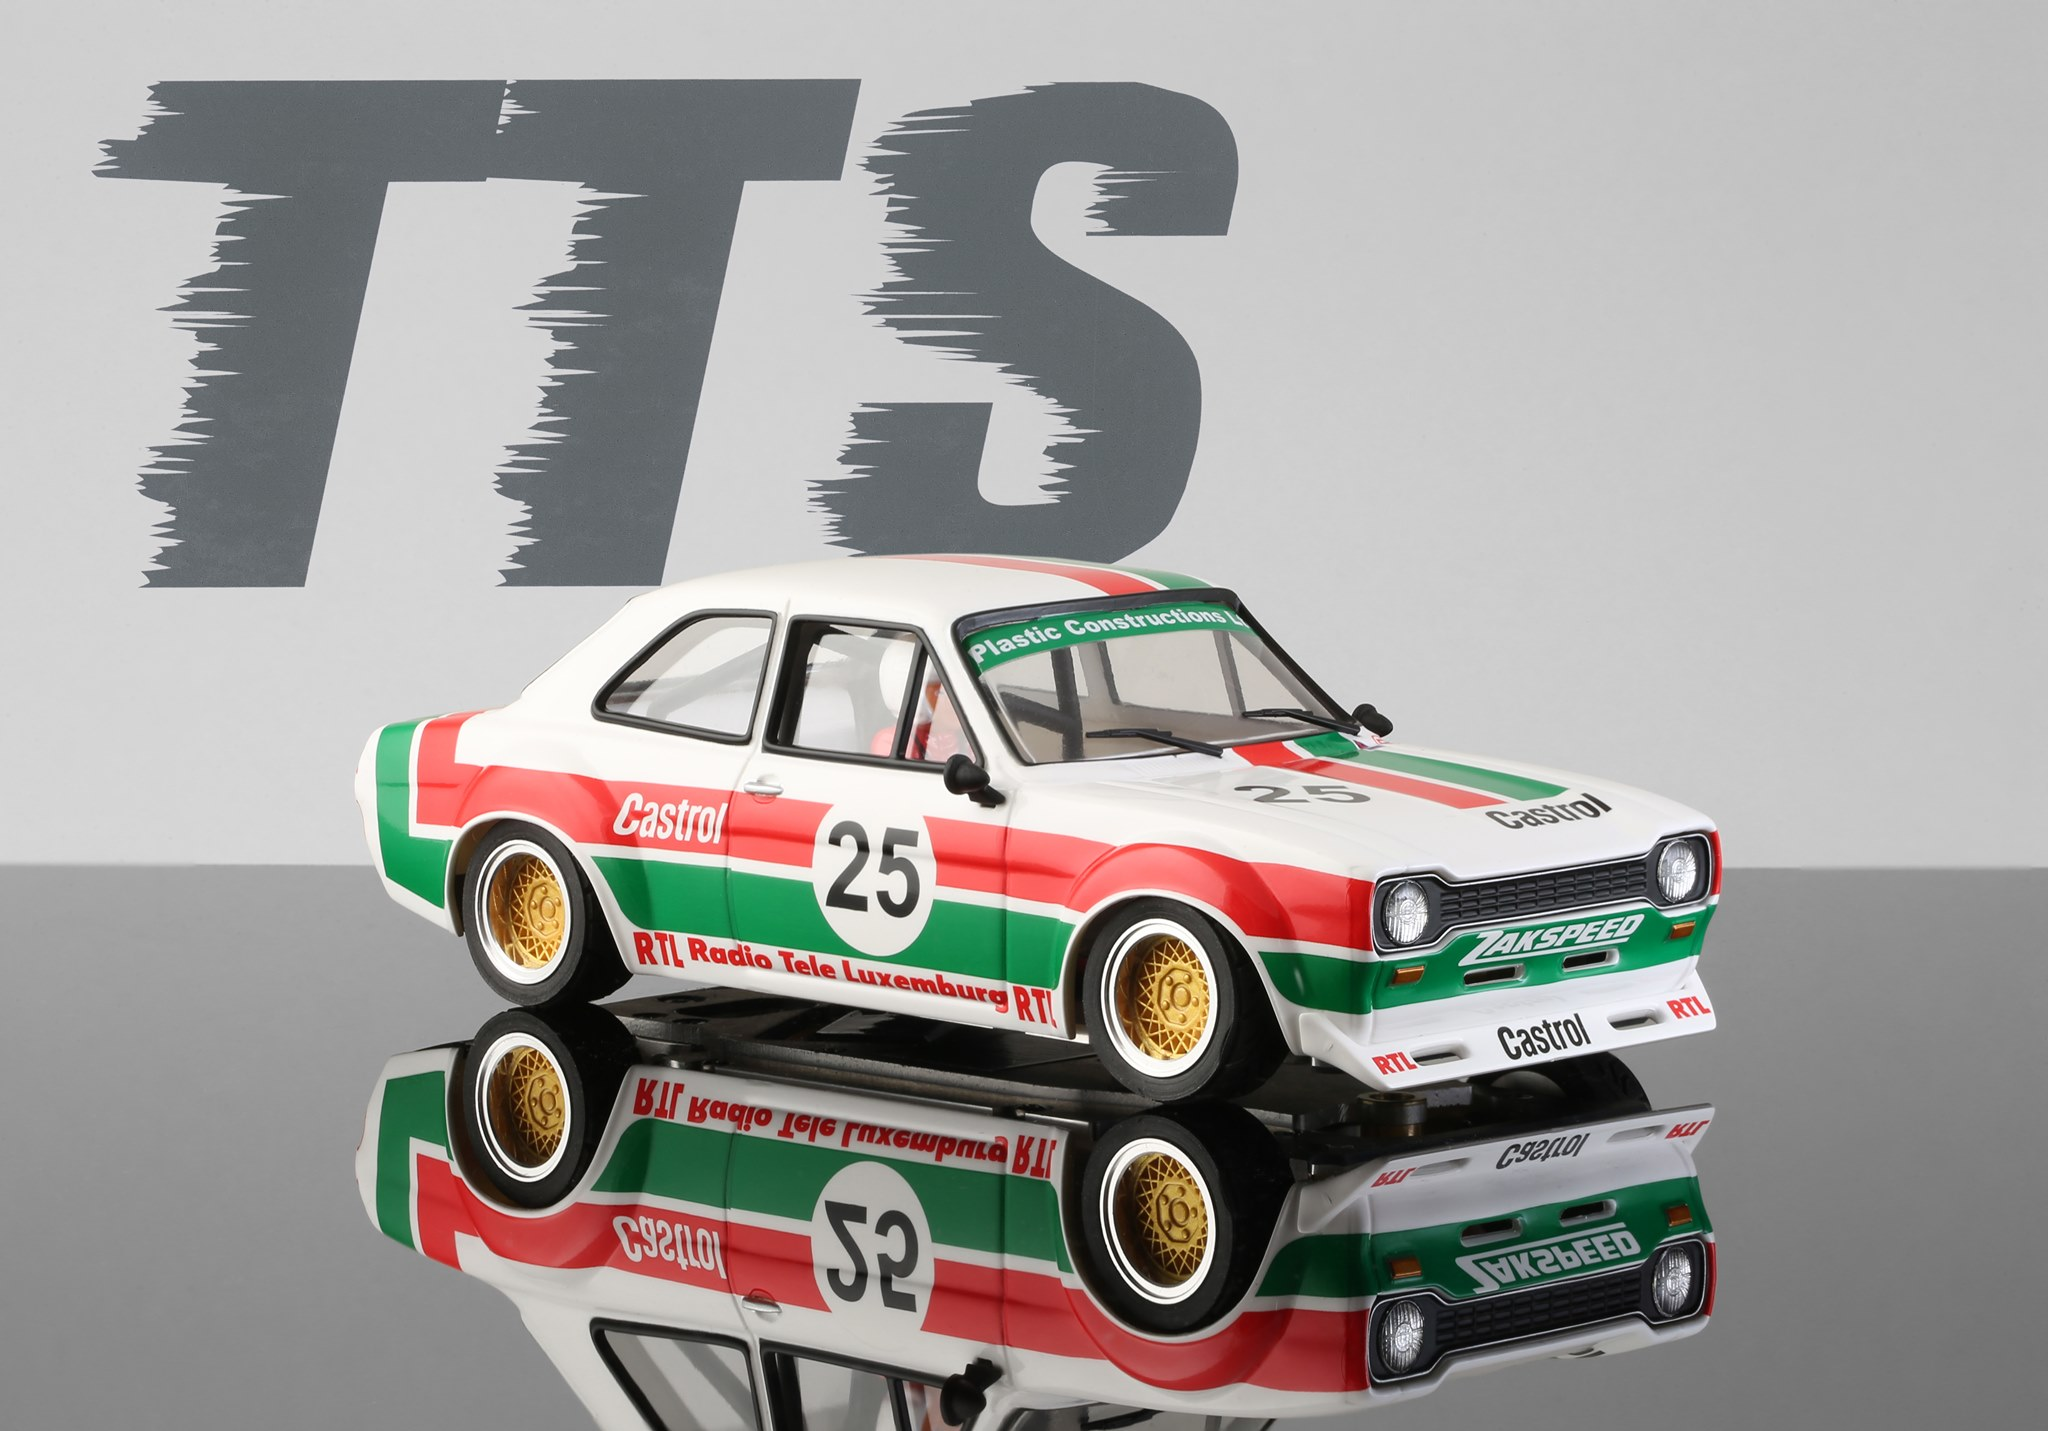 Ford Escort MK1 - Team Zakspeed Castrol #25 -TTS020